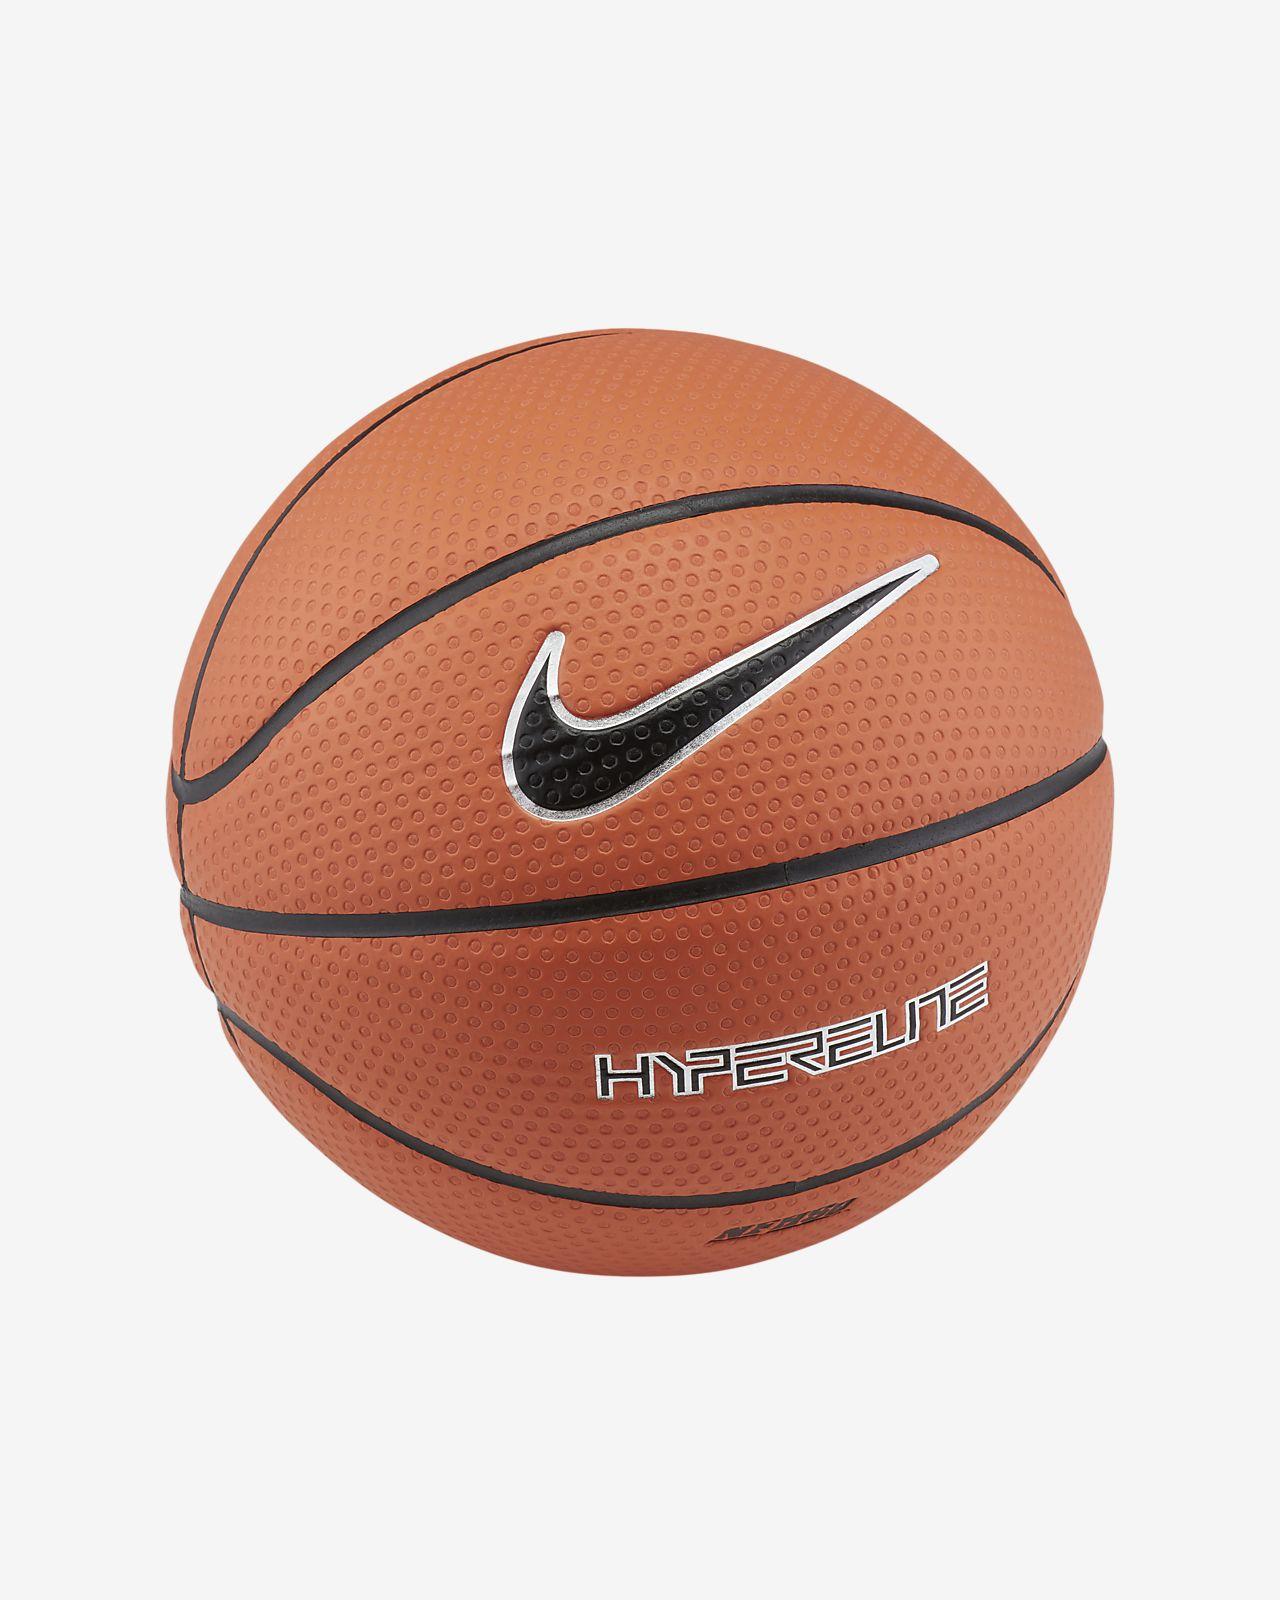 Basketboll Nike Hyper Elite 8P